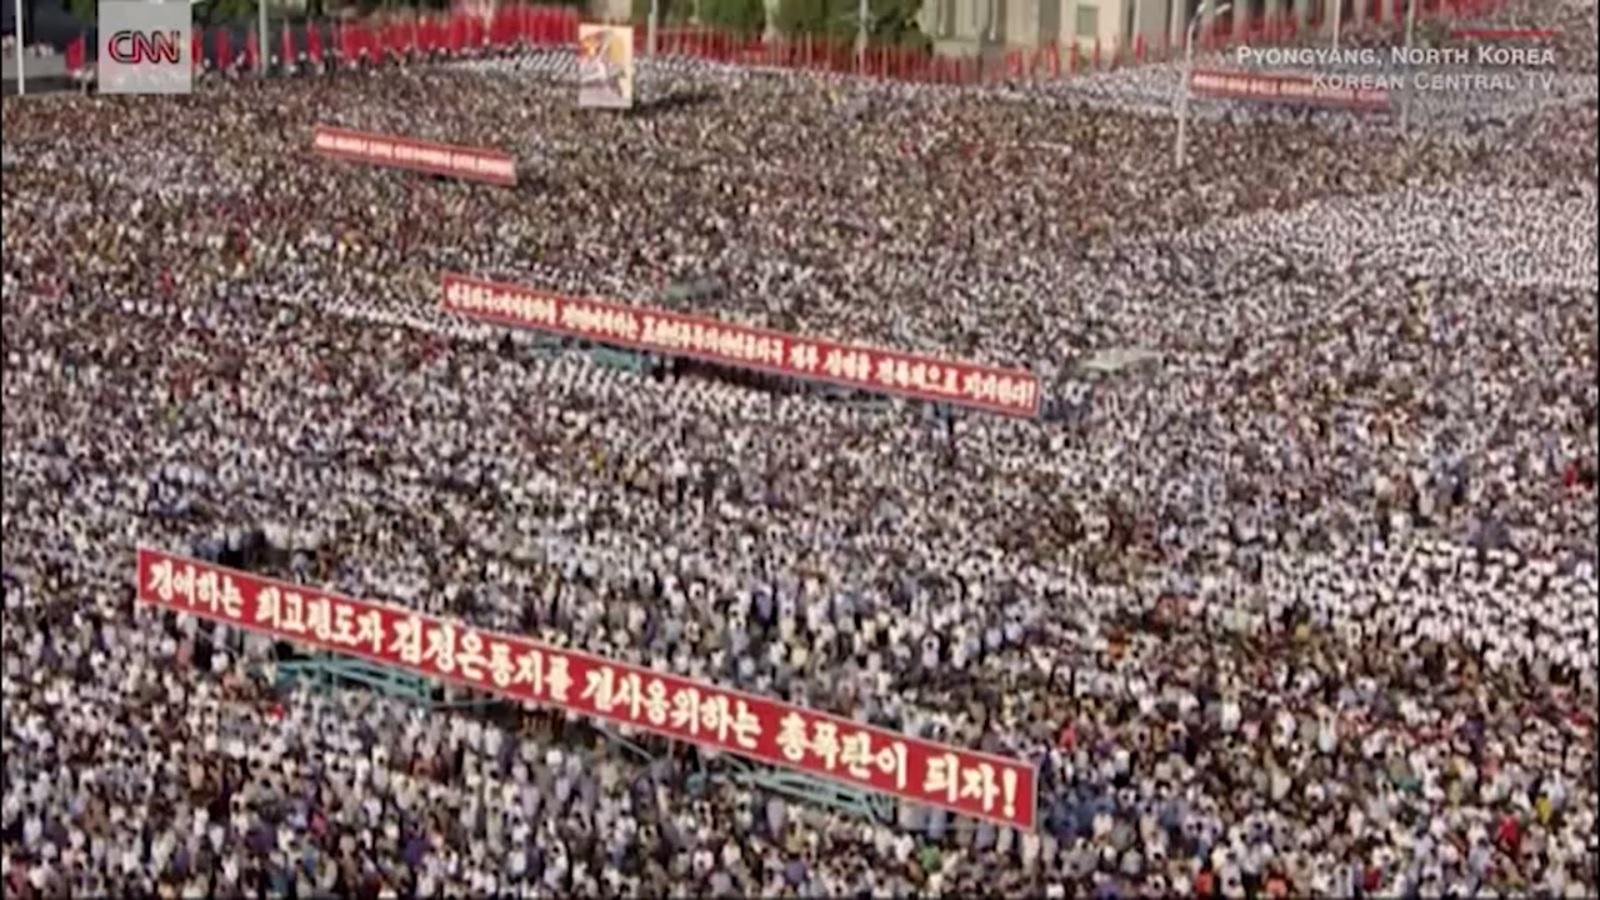 الآلاف يتظاهرون فى كوريا الشمالية بدعم الحكومة ضد قرارات مجلس الأمن